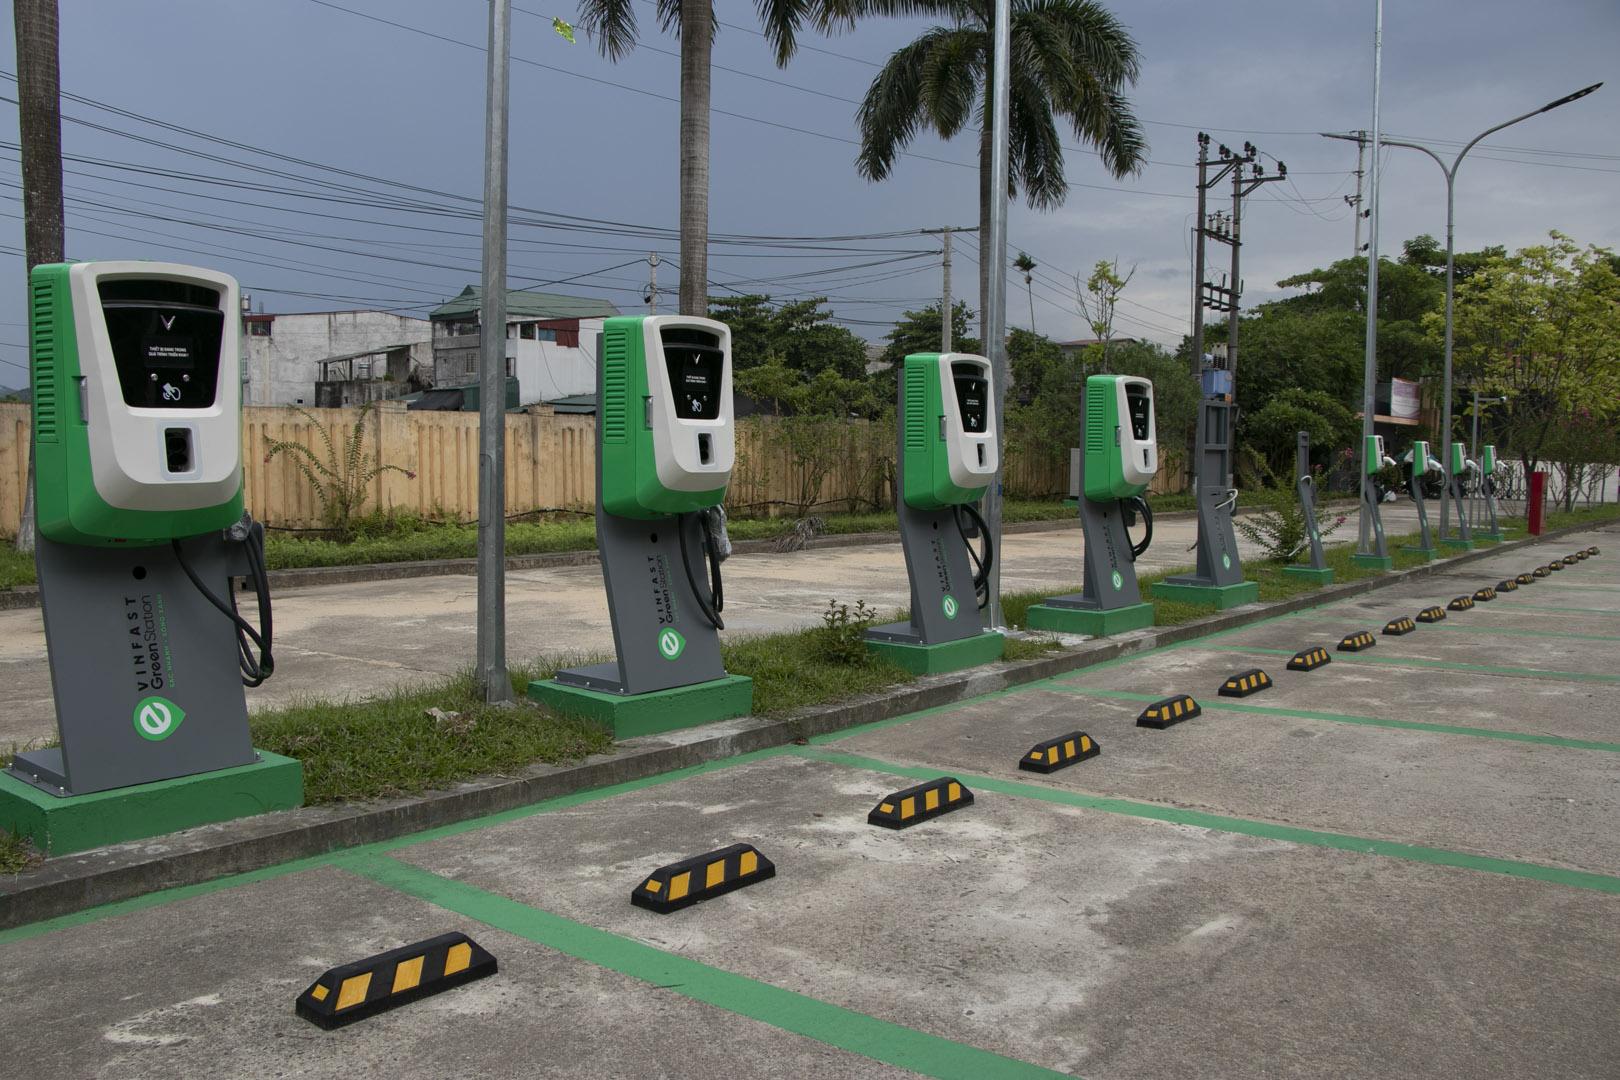 VinFast lắp đặt thần tốc hơn 8.100 cổng sạc ô tô, xe máy điện tại 60 tỉnh thành - Ảnh 4.